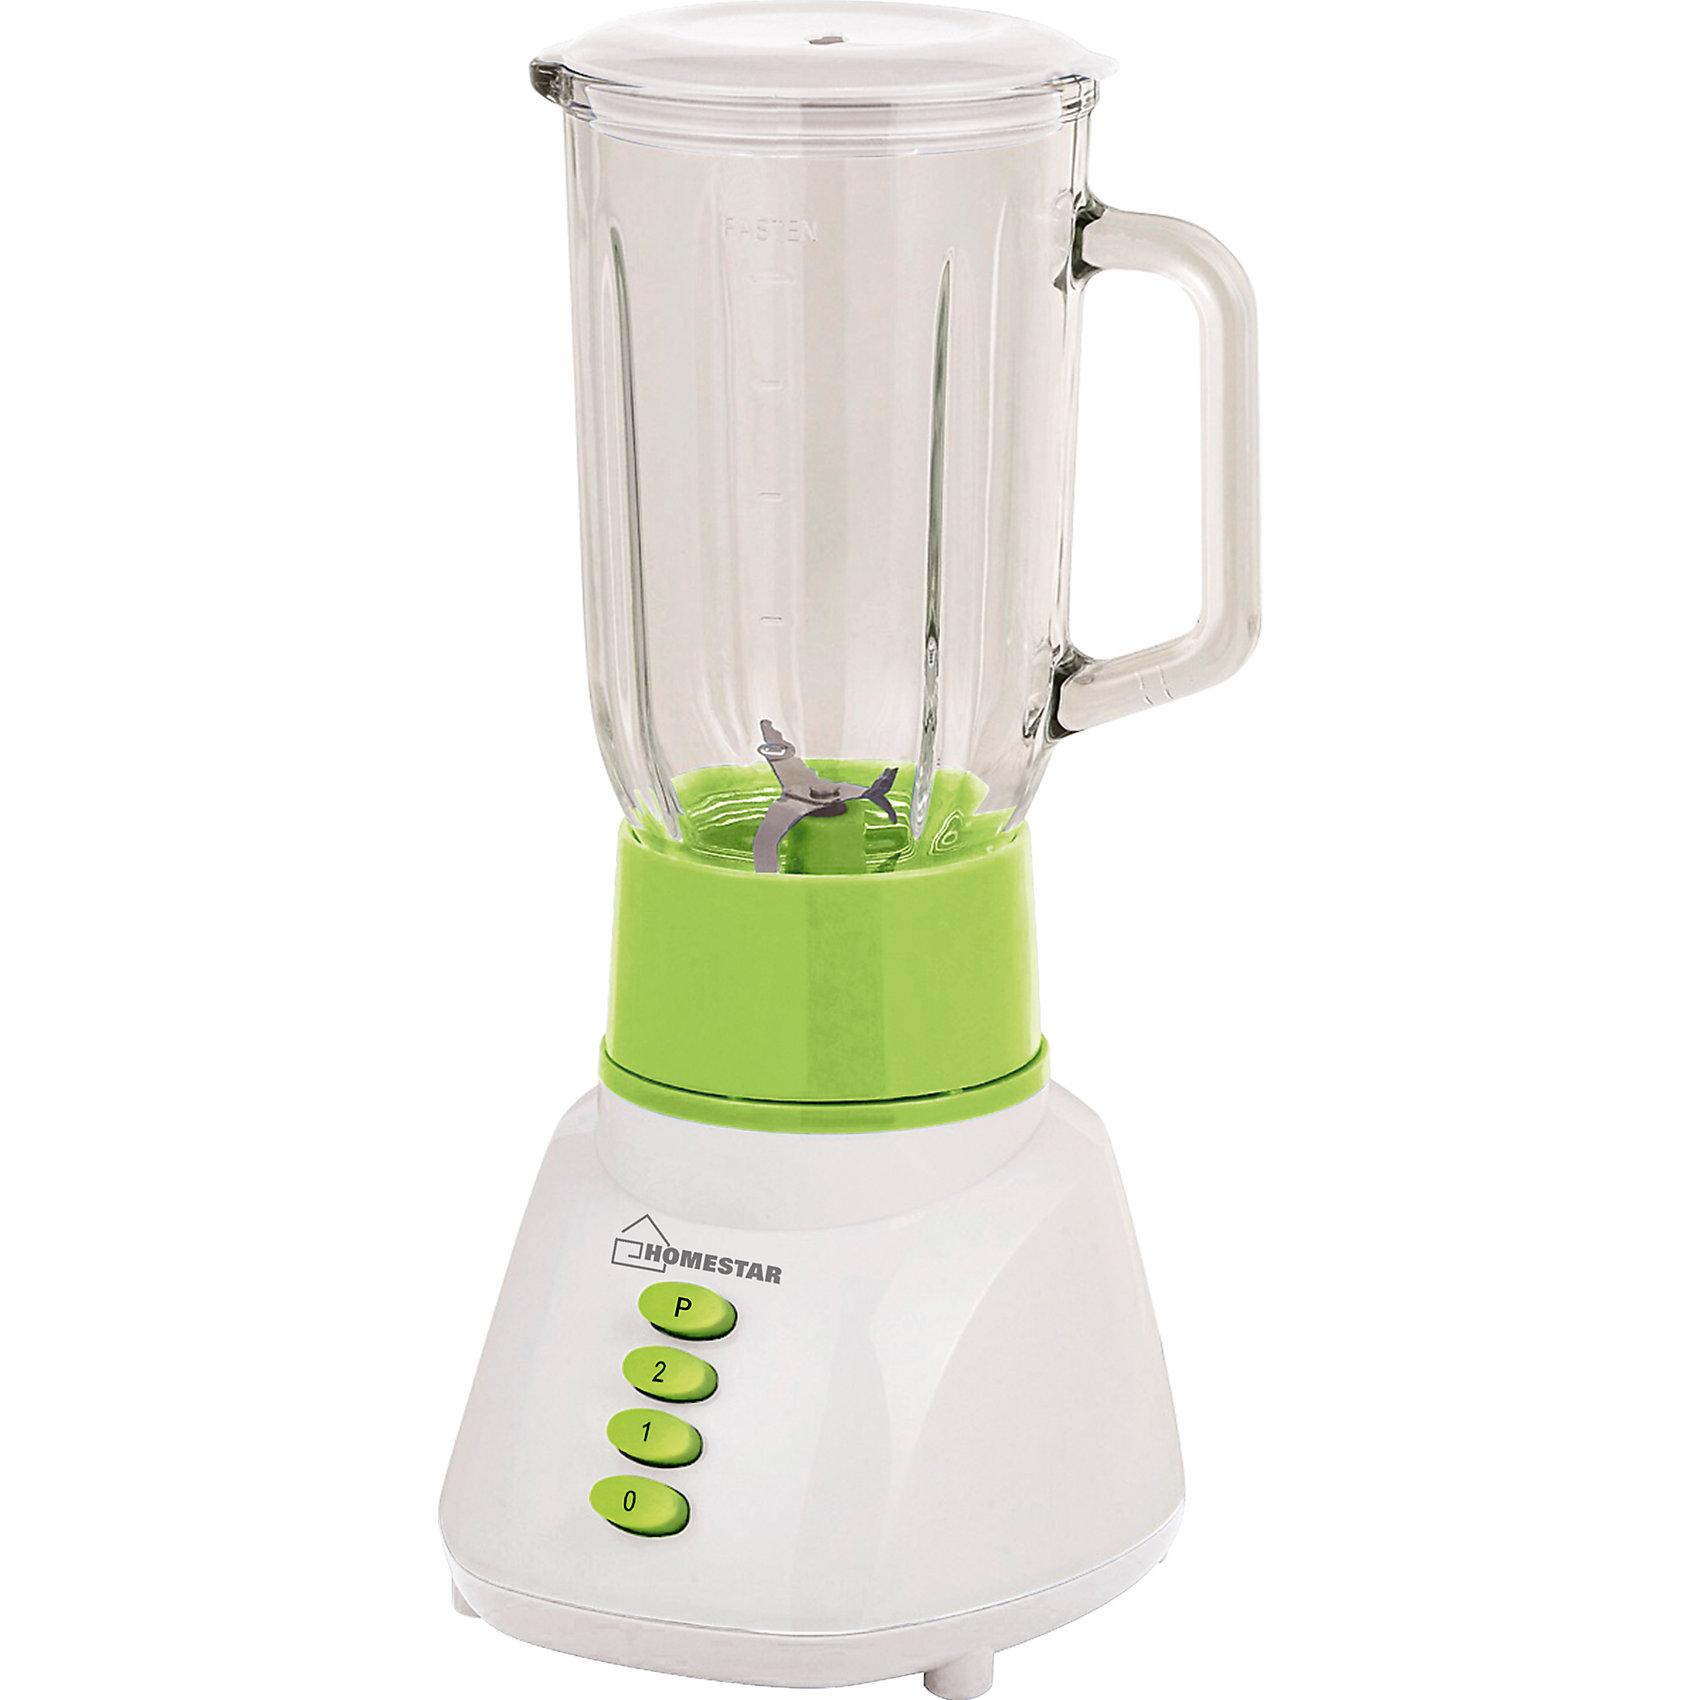 Блендер HS-2011, со стеклянной чашей, HOMESTARБлендер HS-2011, со стеклянной чашей, HOMESTAR (ХоумСтар)<br><br>Характеристики:<br><br>• подходит для любых продуктов и льда<br>• ножи из нержавеющей стали<br>• стеклянная чаша<br>• две скорости работы<br>• импульсный режим<br>• объем чаши: 1 л<br>• мощность: 300 Вт<br><br>Блендер HS-2011 быстро измельчит любые продукты до необходимой консистенции. Ножи из нержавеющей стали подходят и для измельчения льда. Чаша блендера объемом 1 литр изготовлена из прочного стекла. Блендер имеет две скорости работы и импульсный режим. Блендер HS-2011 станет незаменимым помощником для каждой хозяйки!<br><br>Блендер HS-2011, со стеклянной чашей, HOMESTAR (ХоумСтар) вы можете купить в нашем интернет-магазине.<br><br>Ширина мм: 200<br>Глубина мм: 170<br>Высота мм: 380<br>Вес г: 2505<br>Возраст от месяцев: 216<br>Возраст до месяцев: 1188<br>Пол: Унисекс<br>Возраст: Детский<br>SKU: 5454049